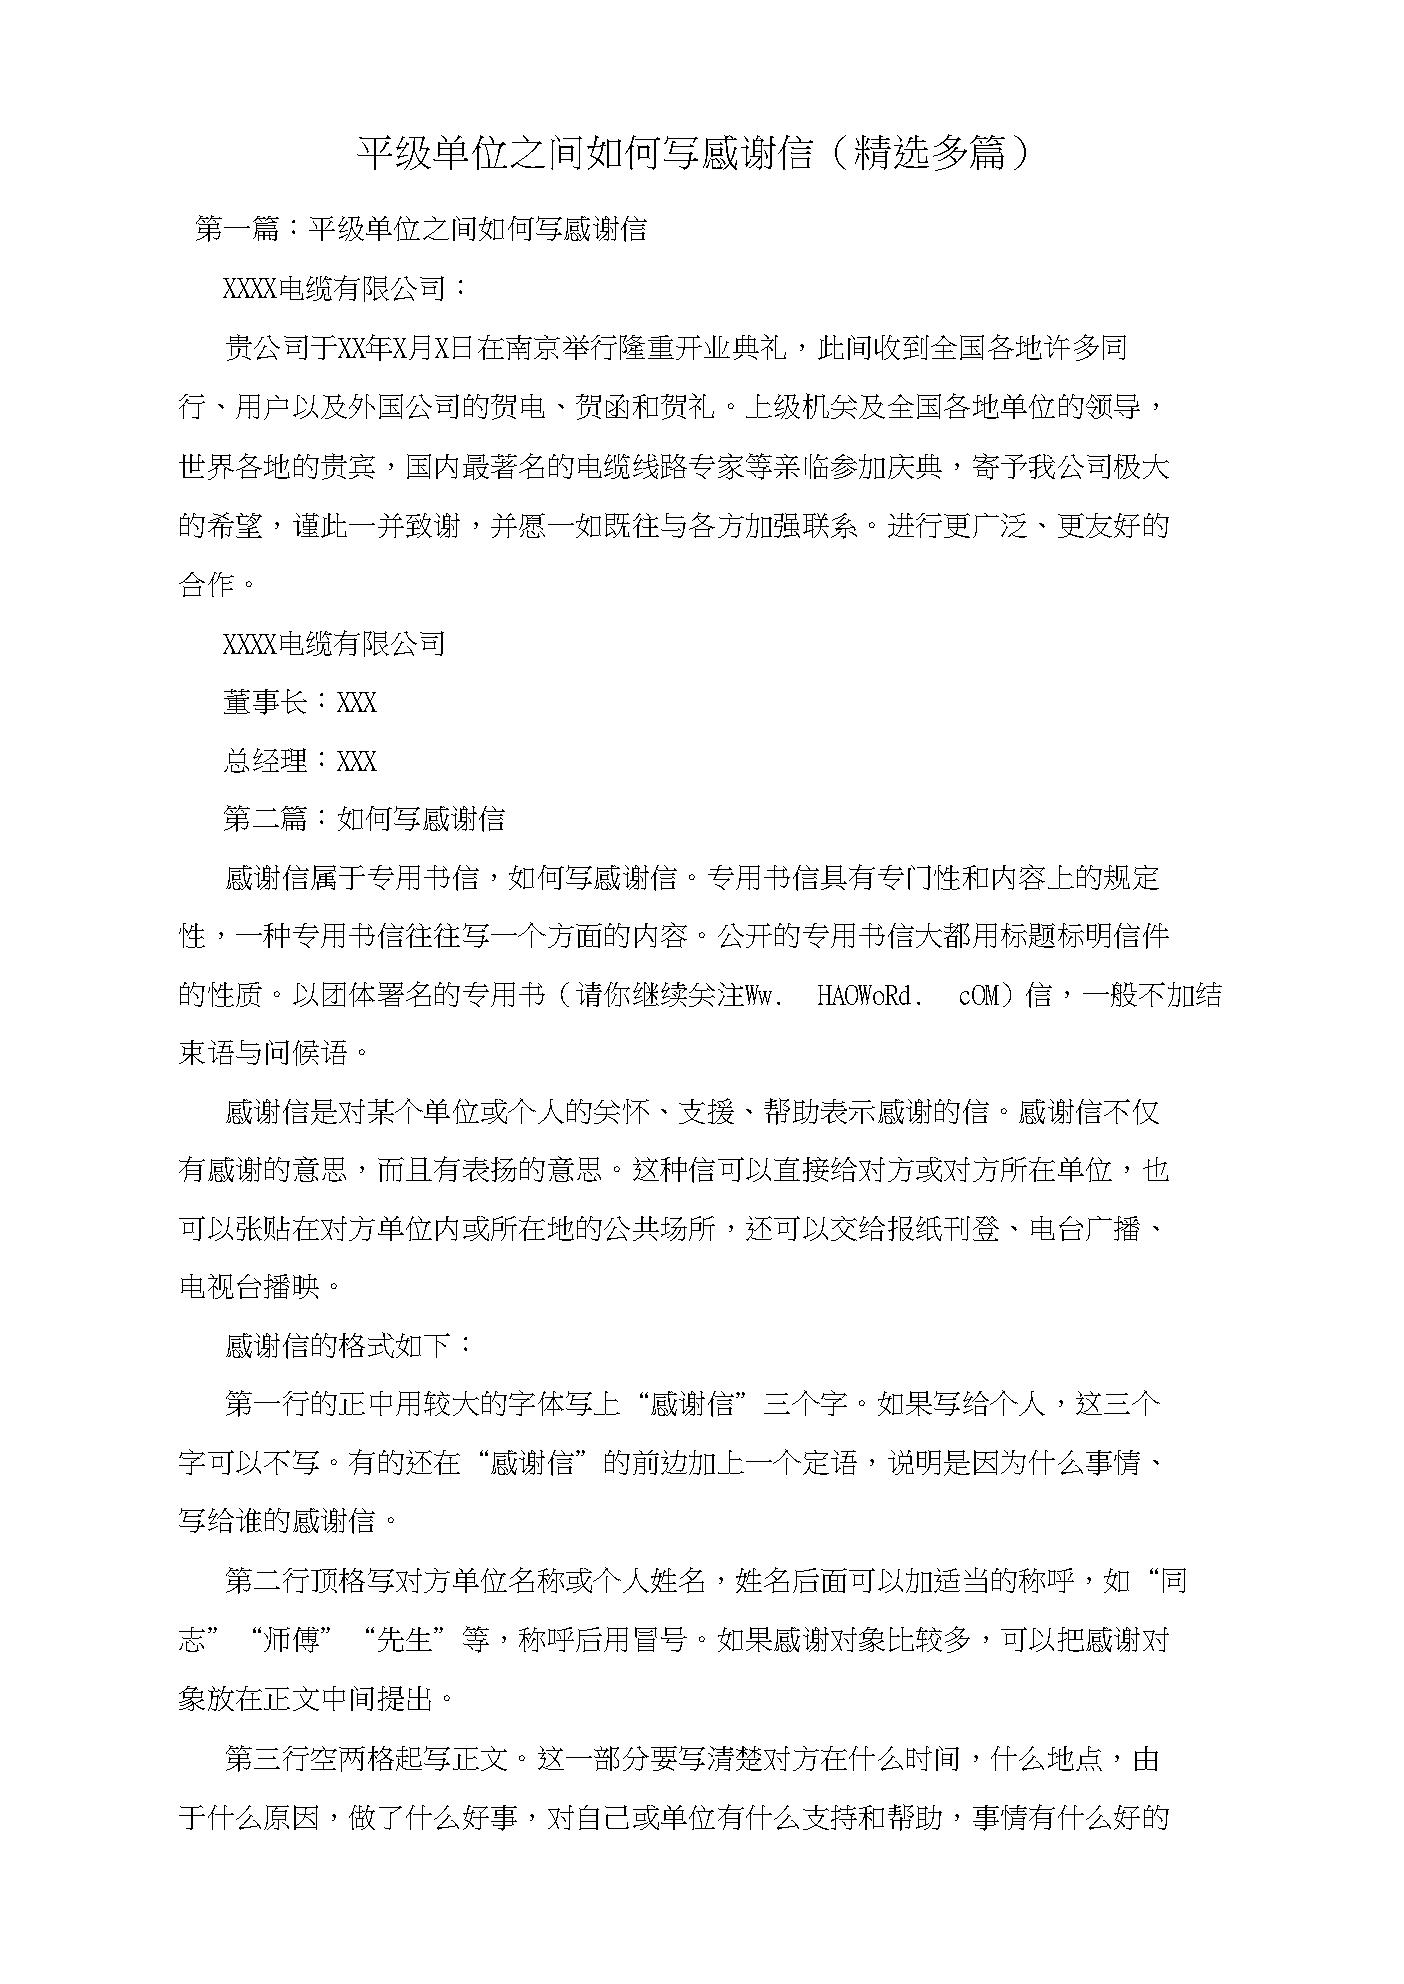 平级单位之间如何写感谢信(精选多篇).docx